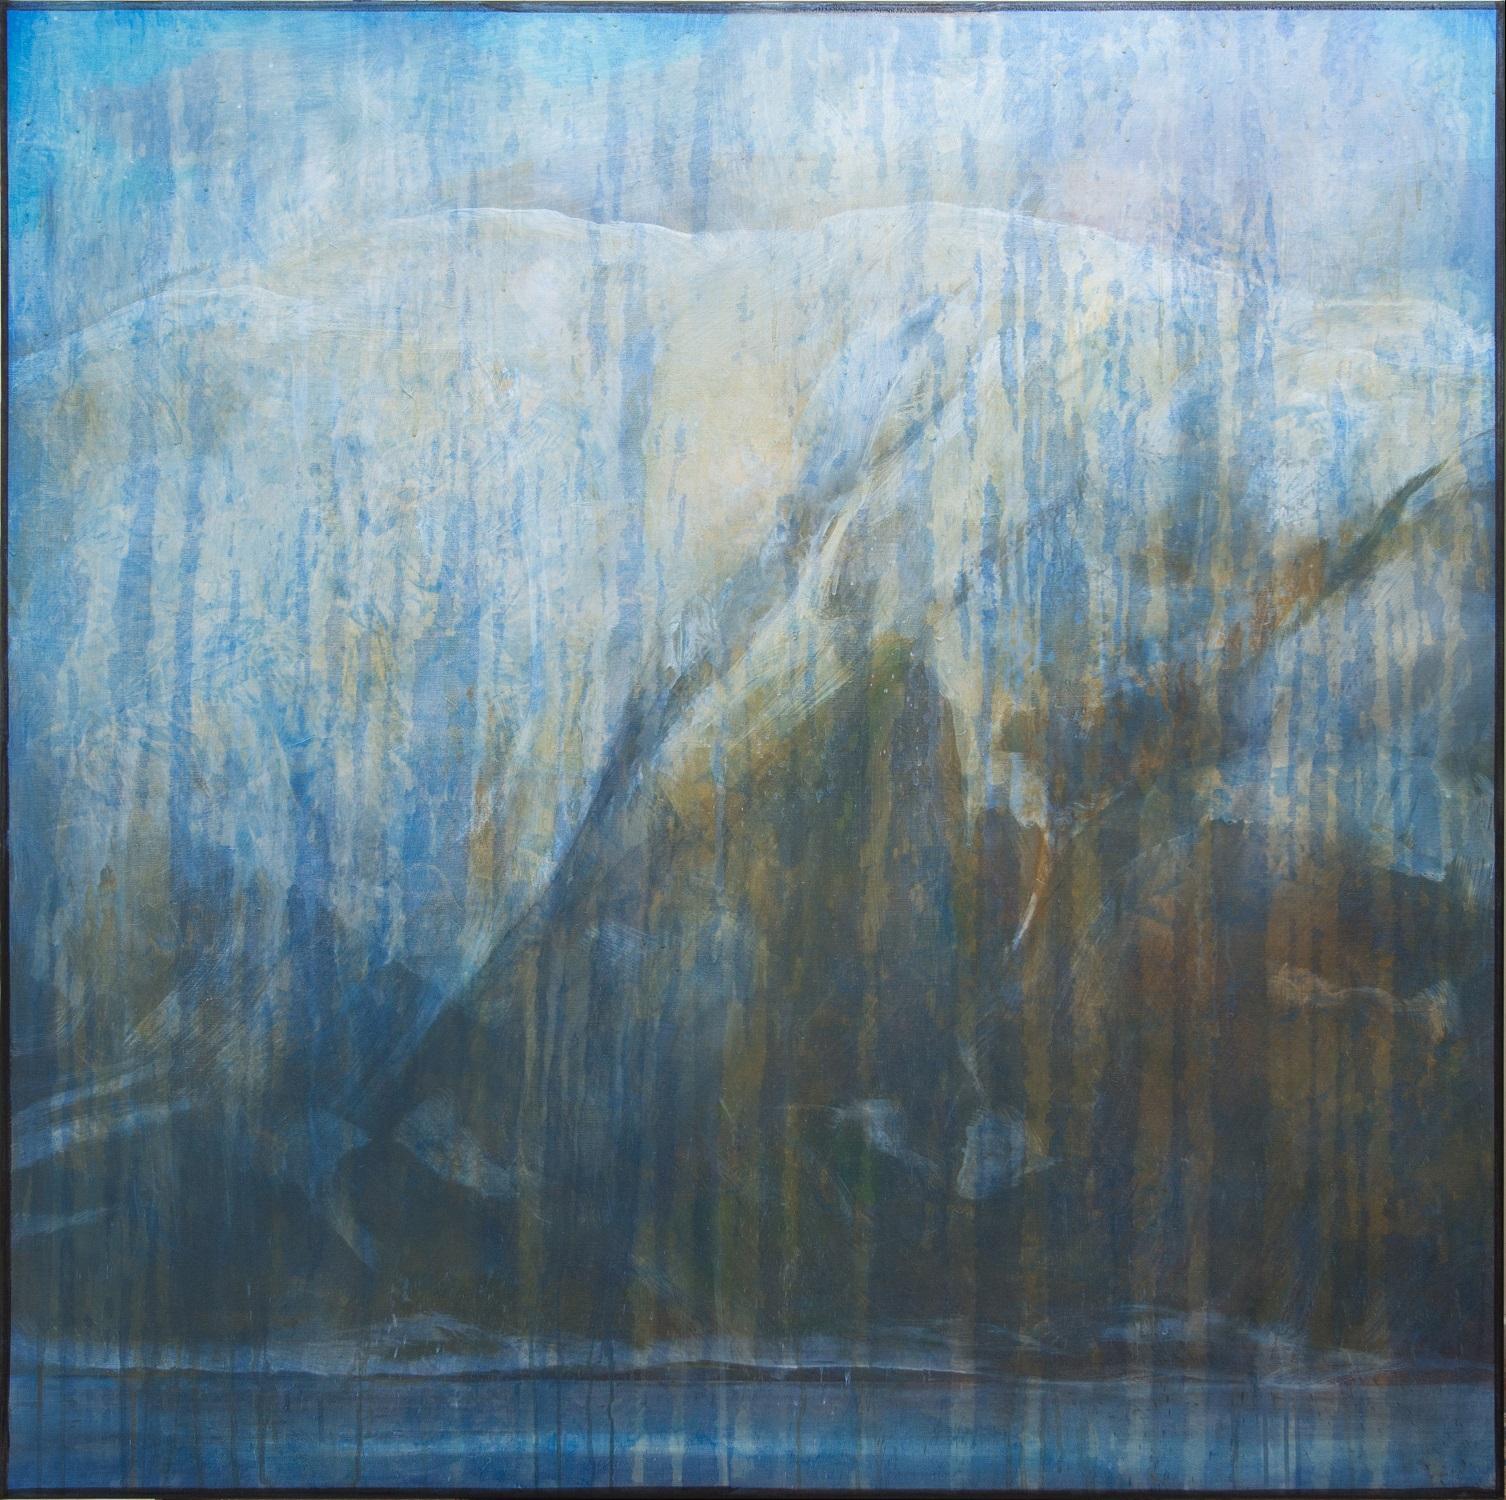 Blått landskap_akryl på lin_120 x120 cm_Foto: Harald Hognerud